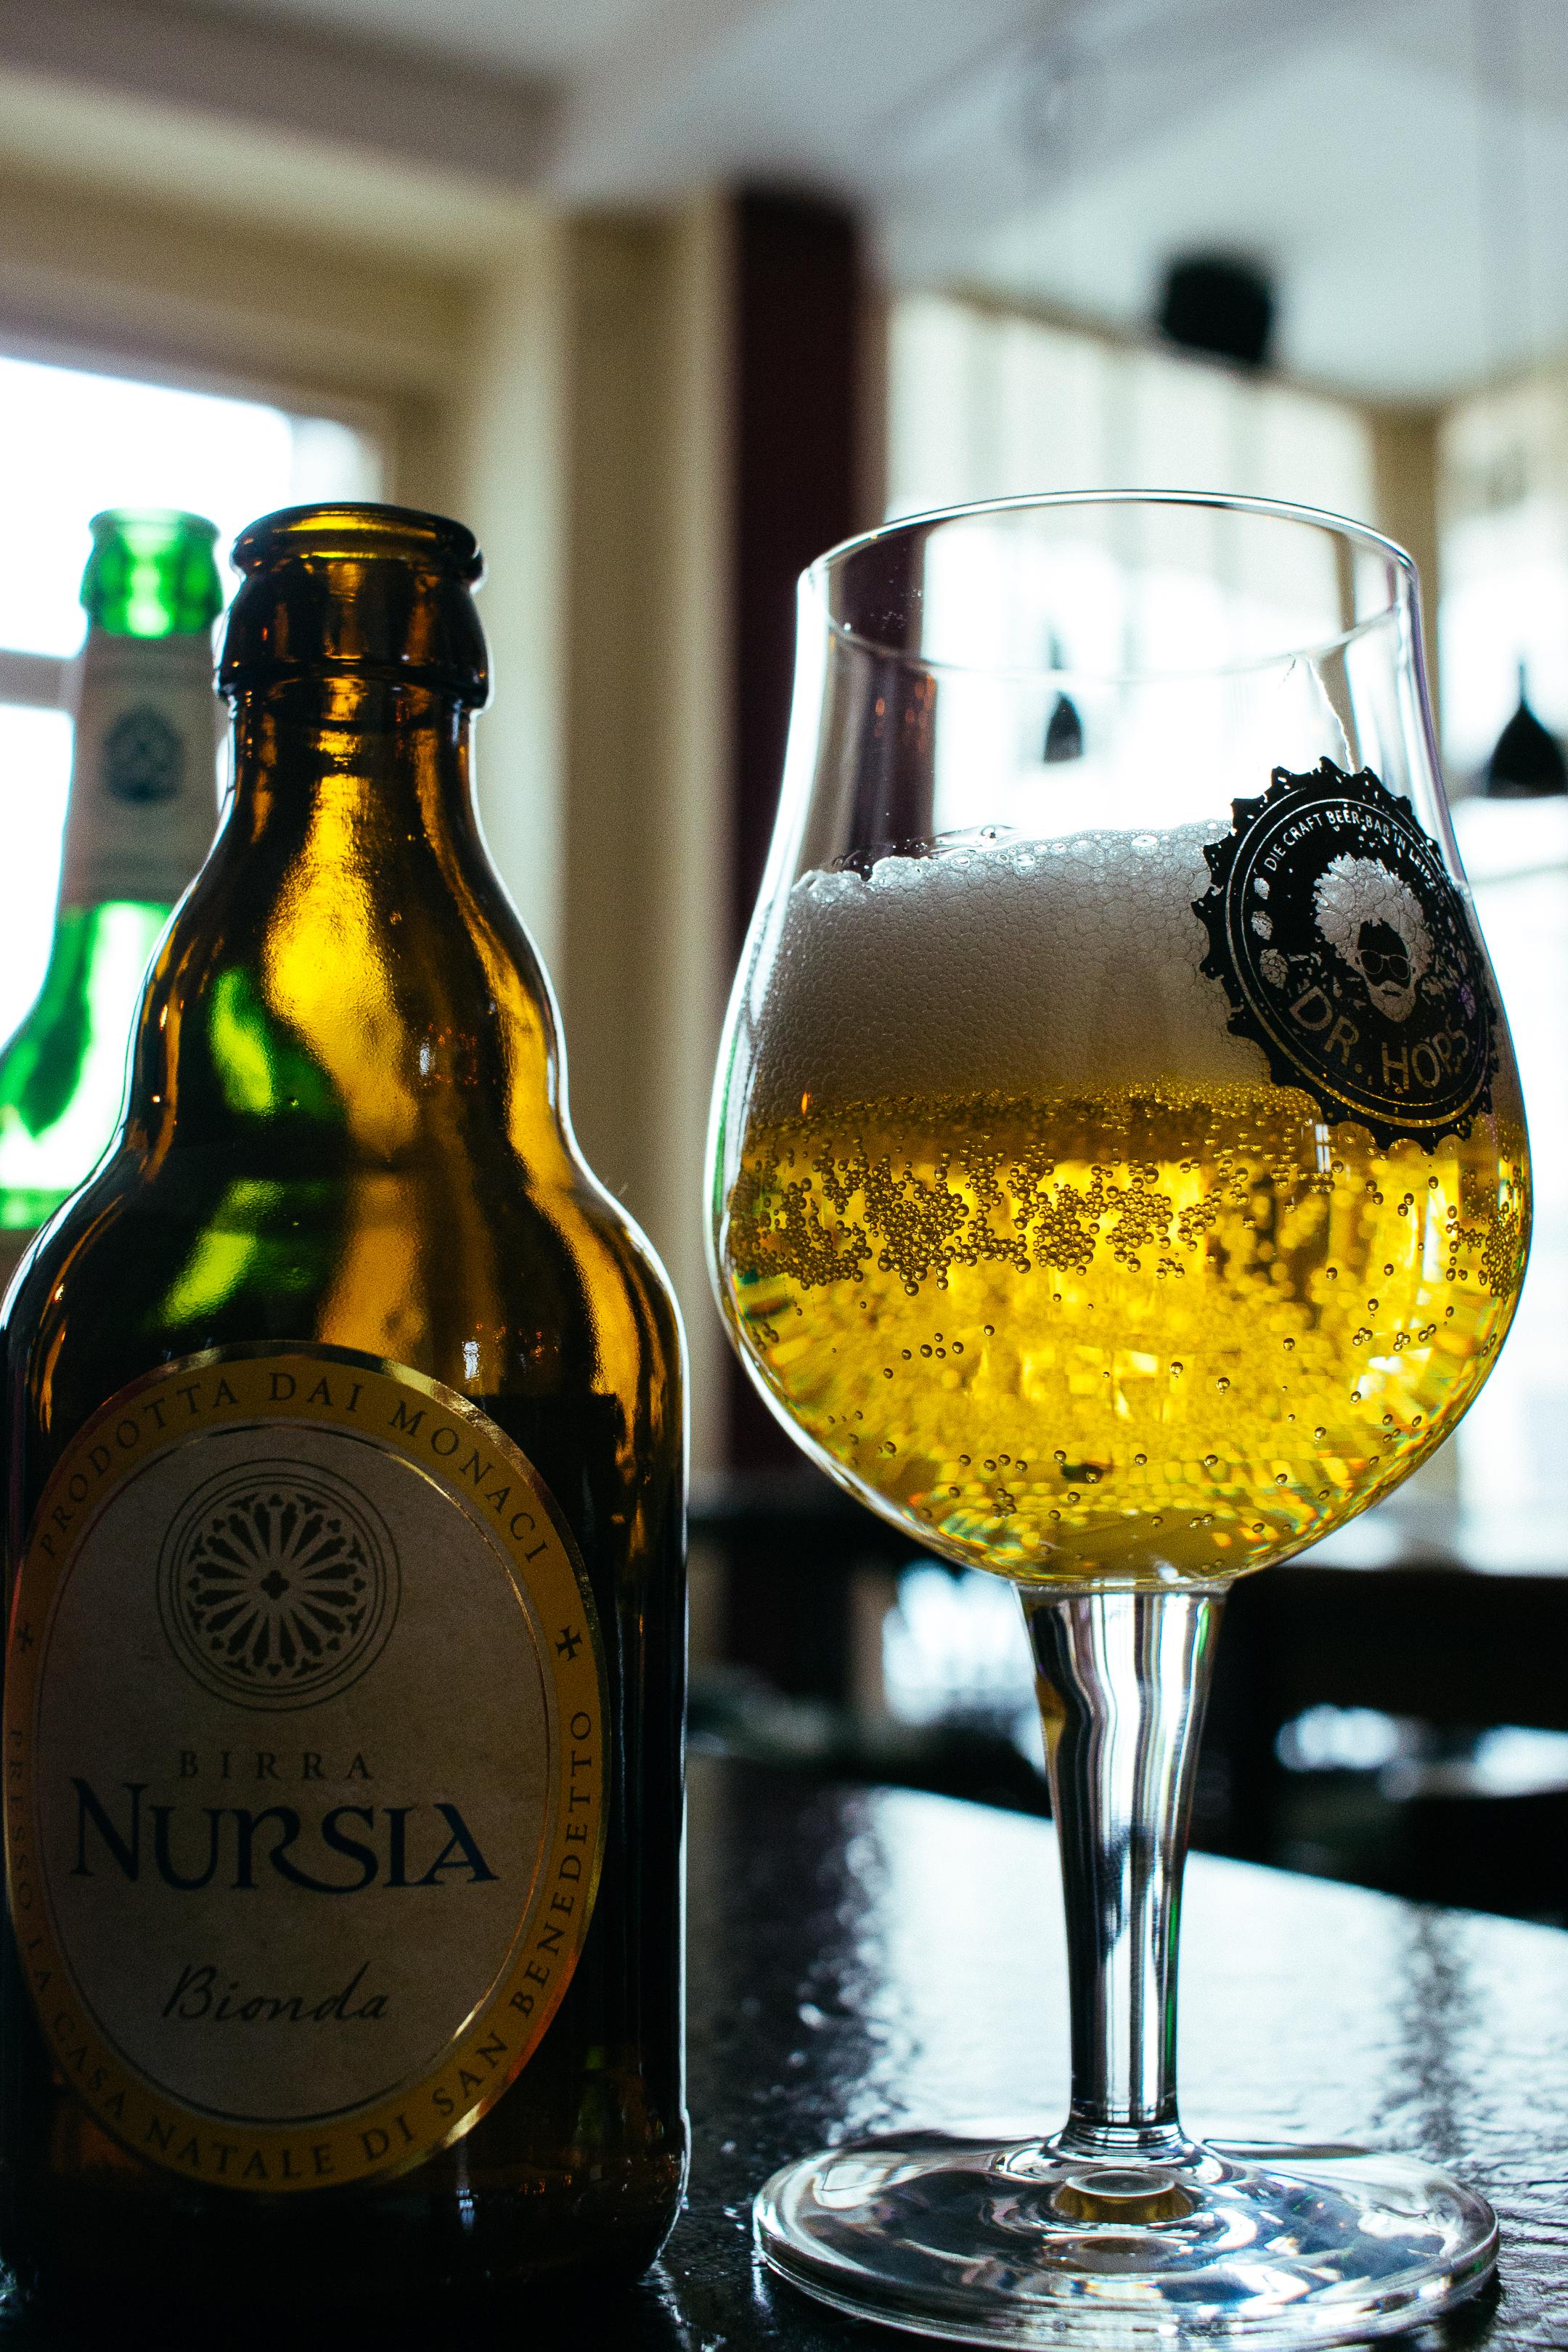 dr.hops_craft beer bar_leipzig_annabelle sagt1